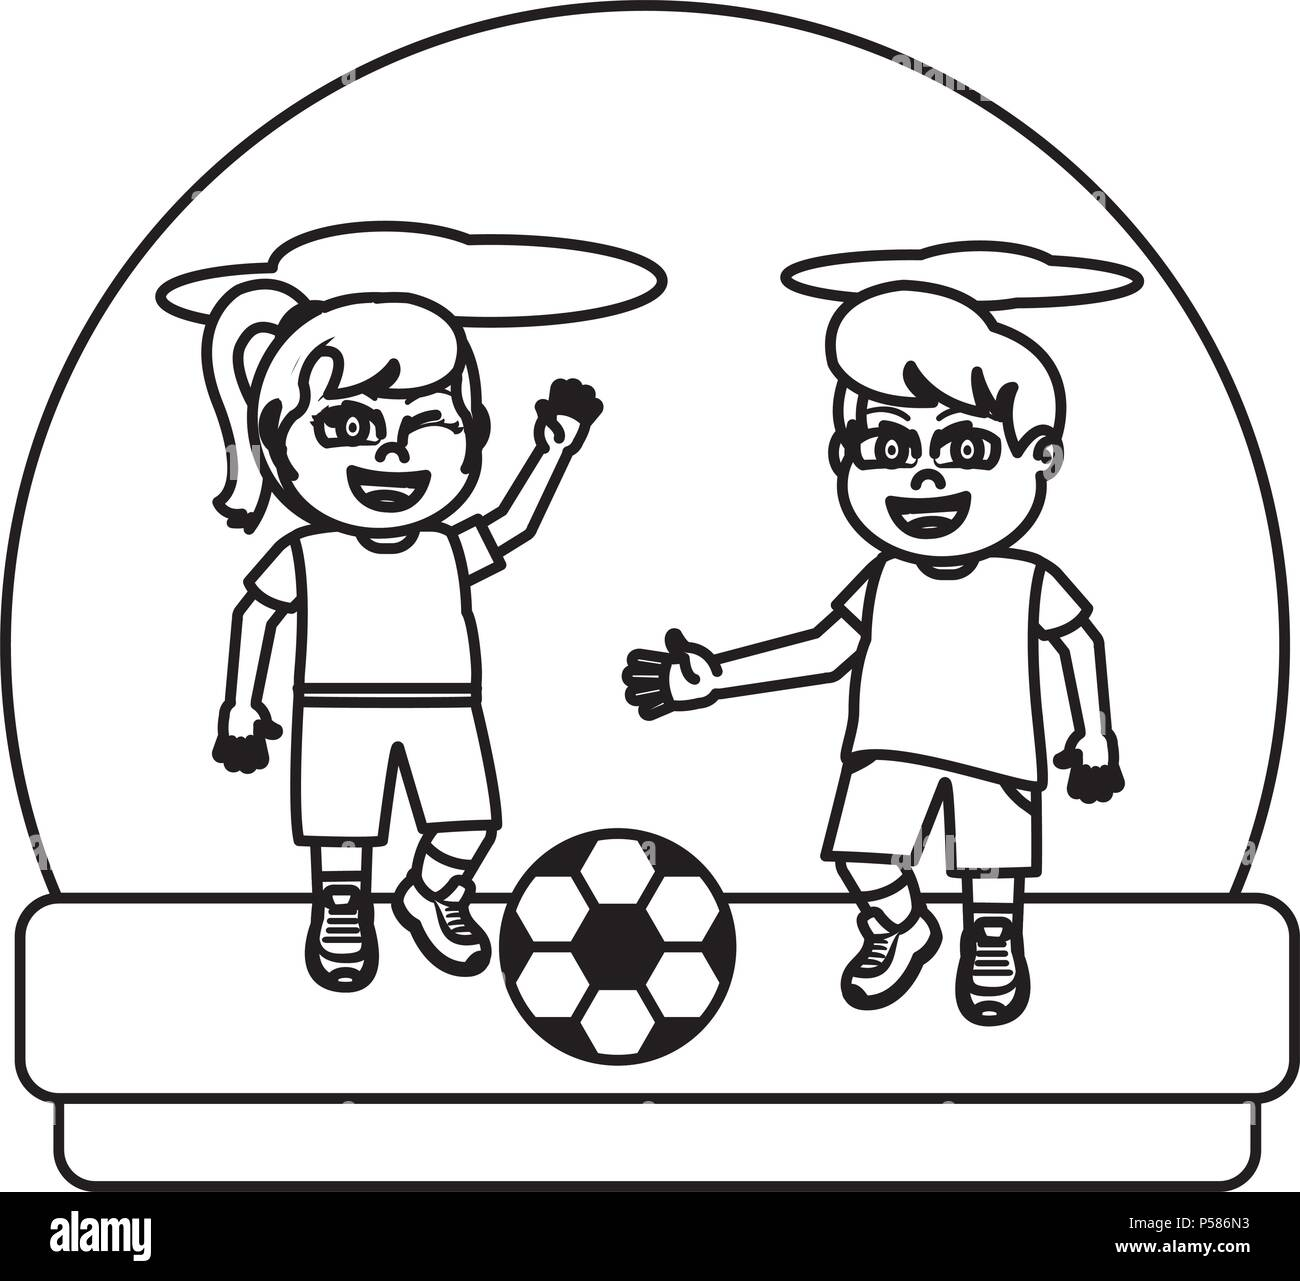 Nina Y Nino Linea Jugando Futbol Sprot Ilustracion Vectorial